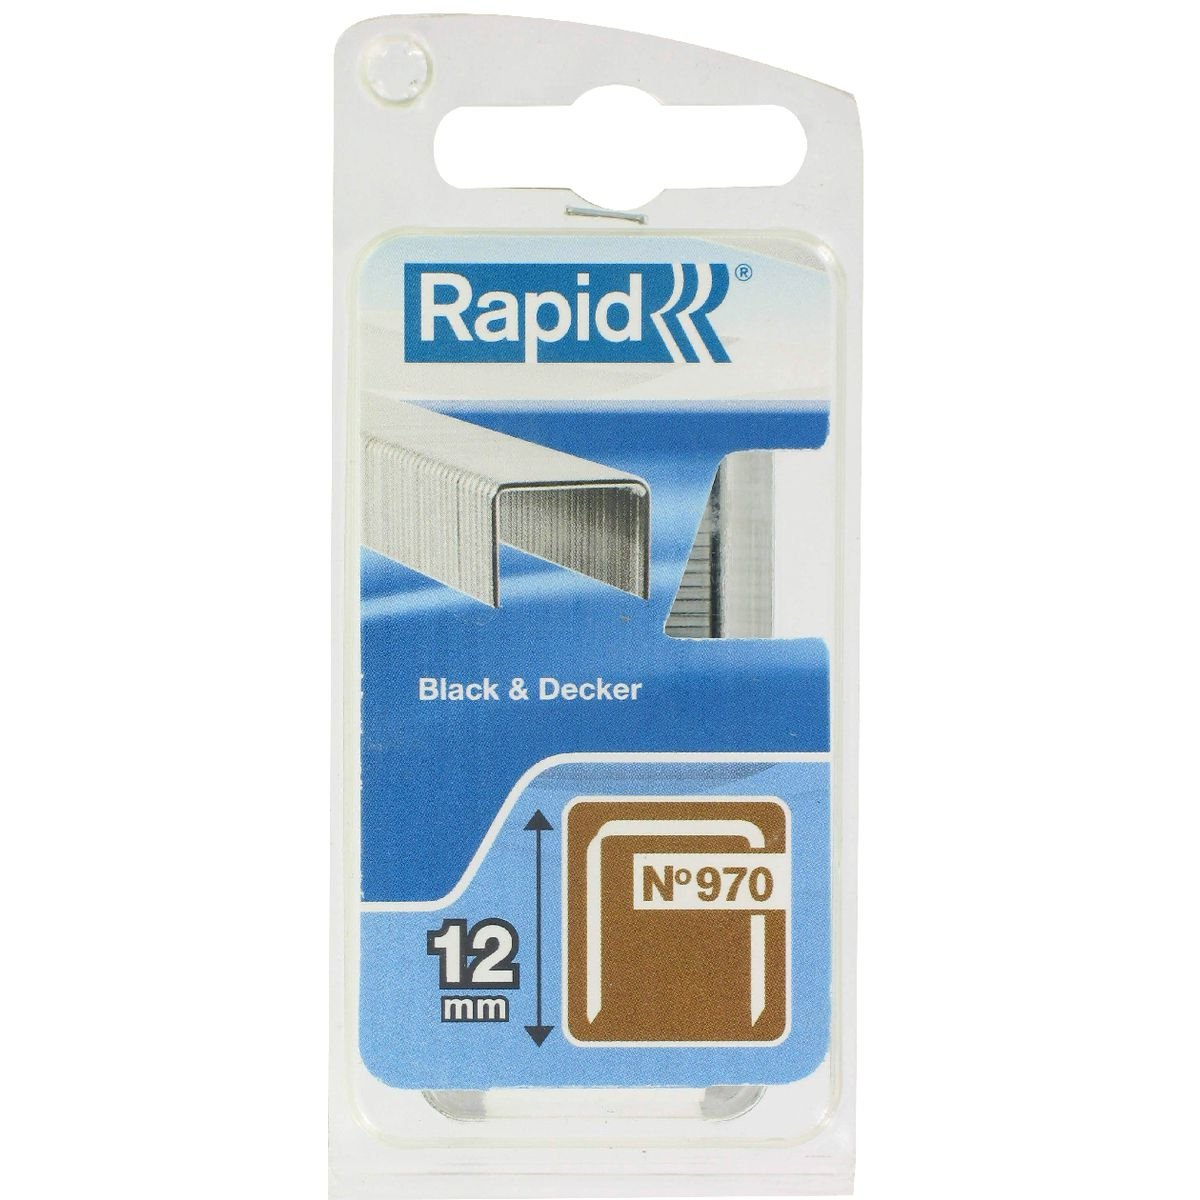 Rapid de alambre pinza tipo 58//10 mm 5000 pcs caja 61058101050